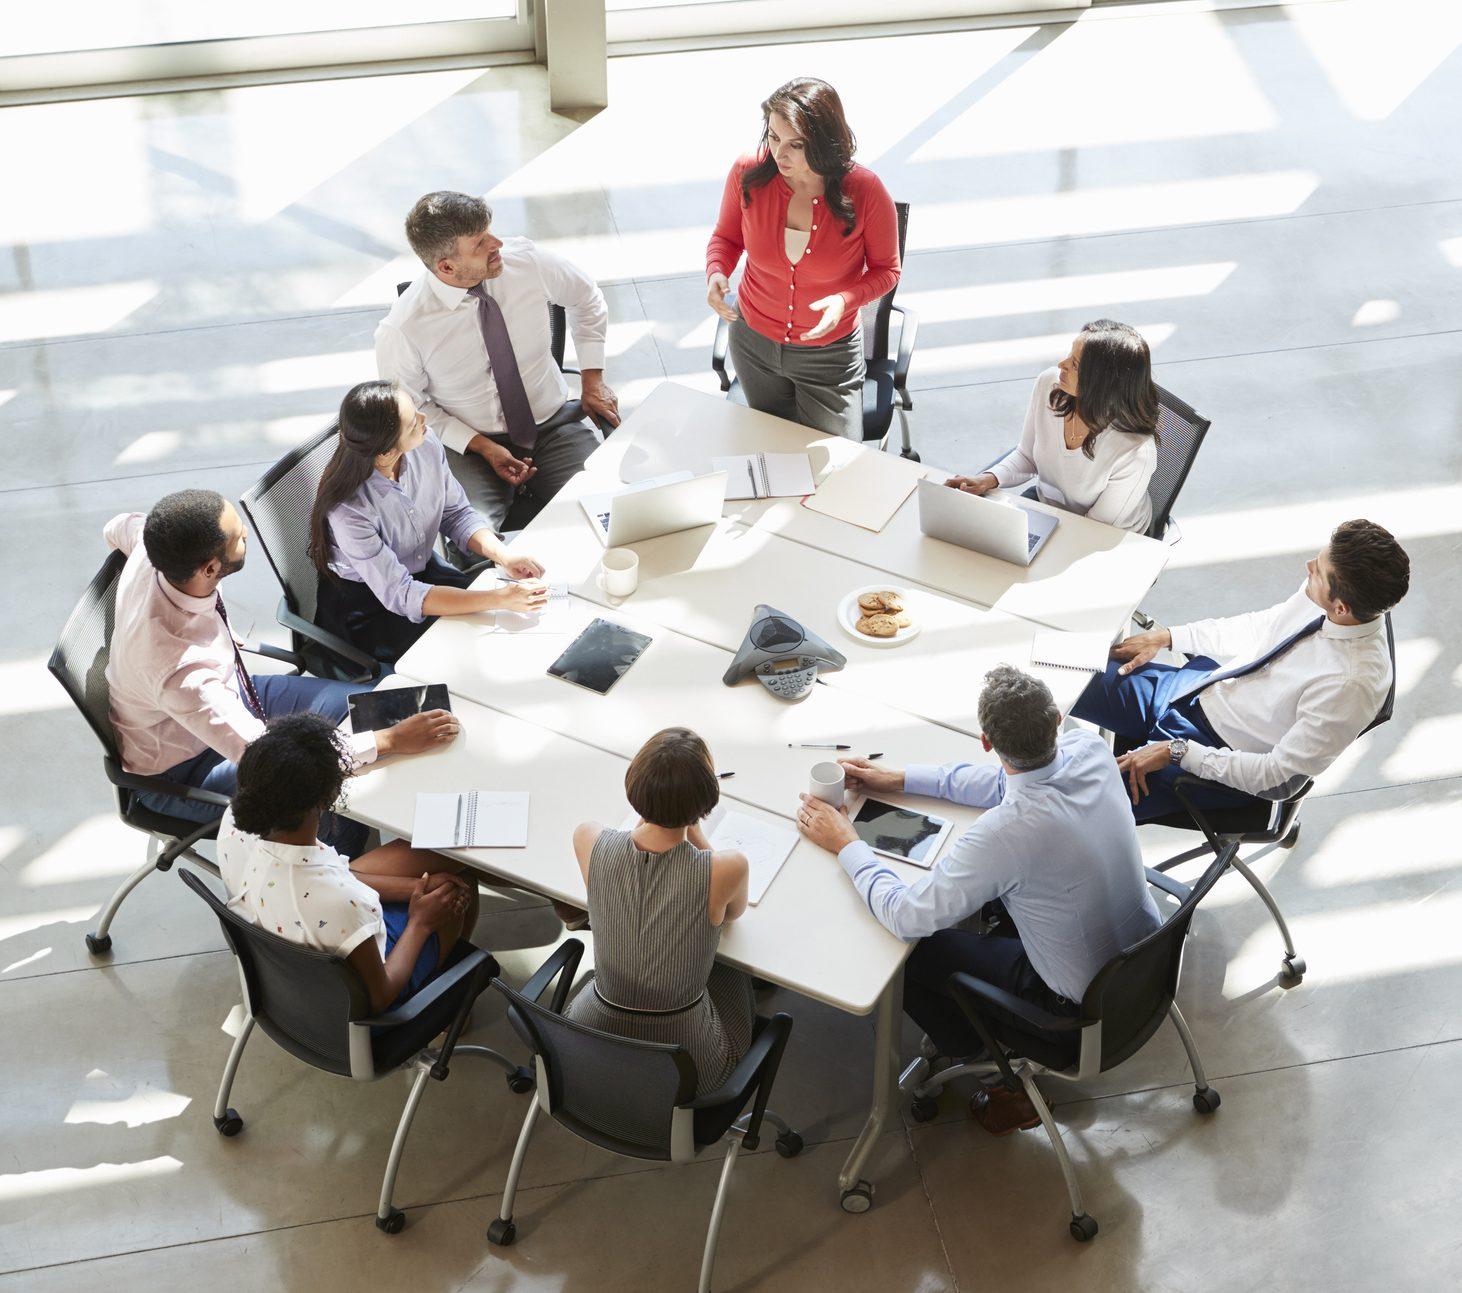 Sa janë të nevojshme mbledhjet në punë?